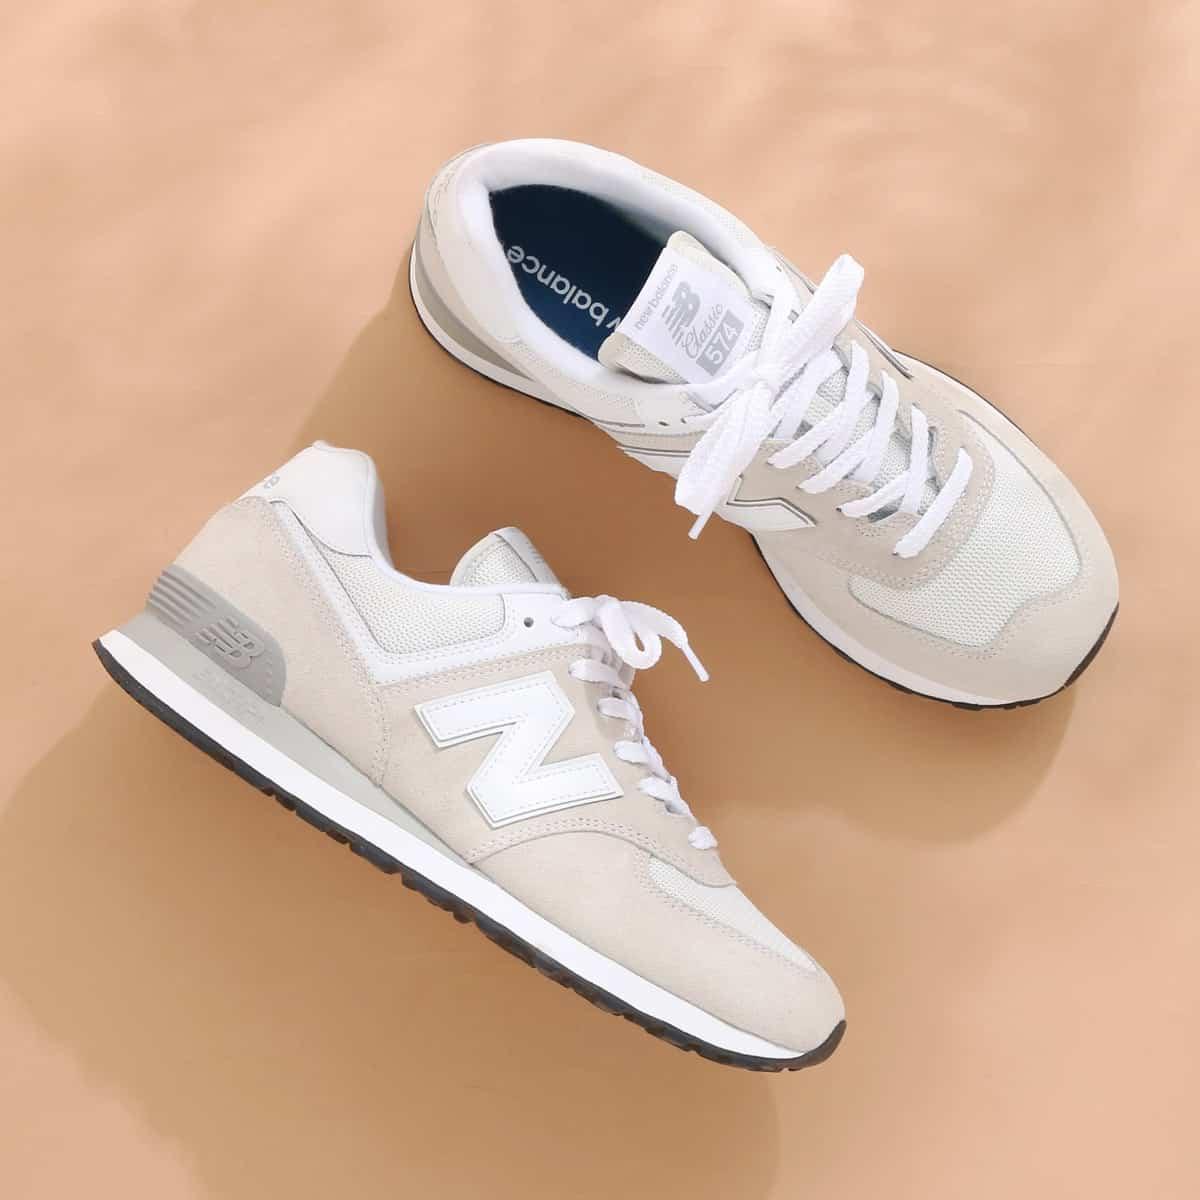 Đôi Sneaker mang phong cách năng động và đầy cá tính